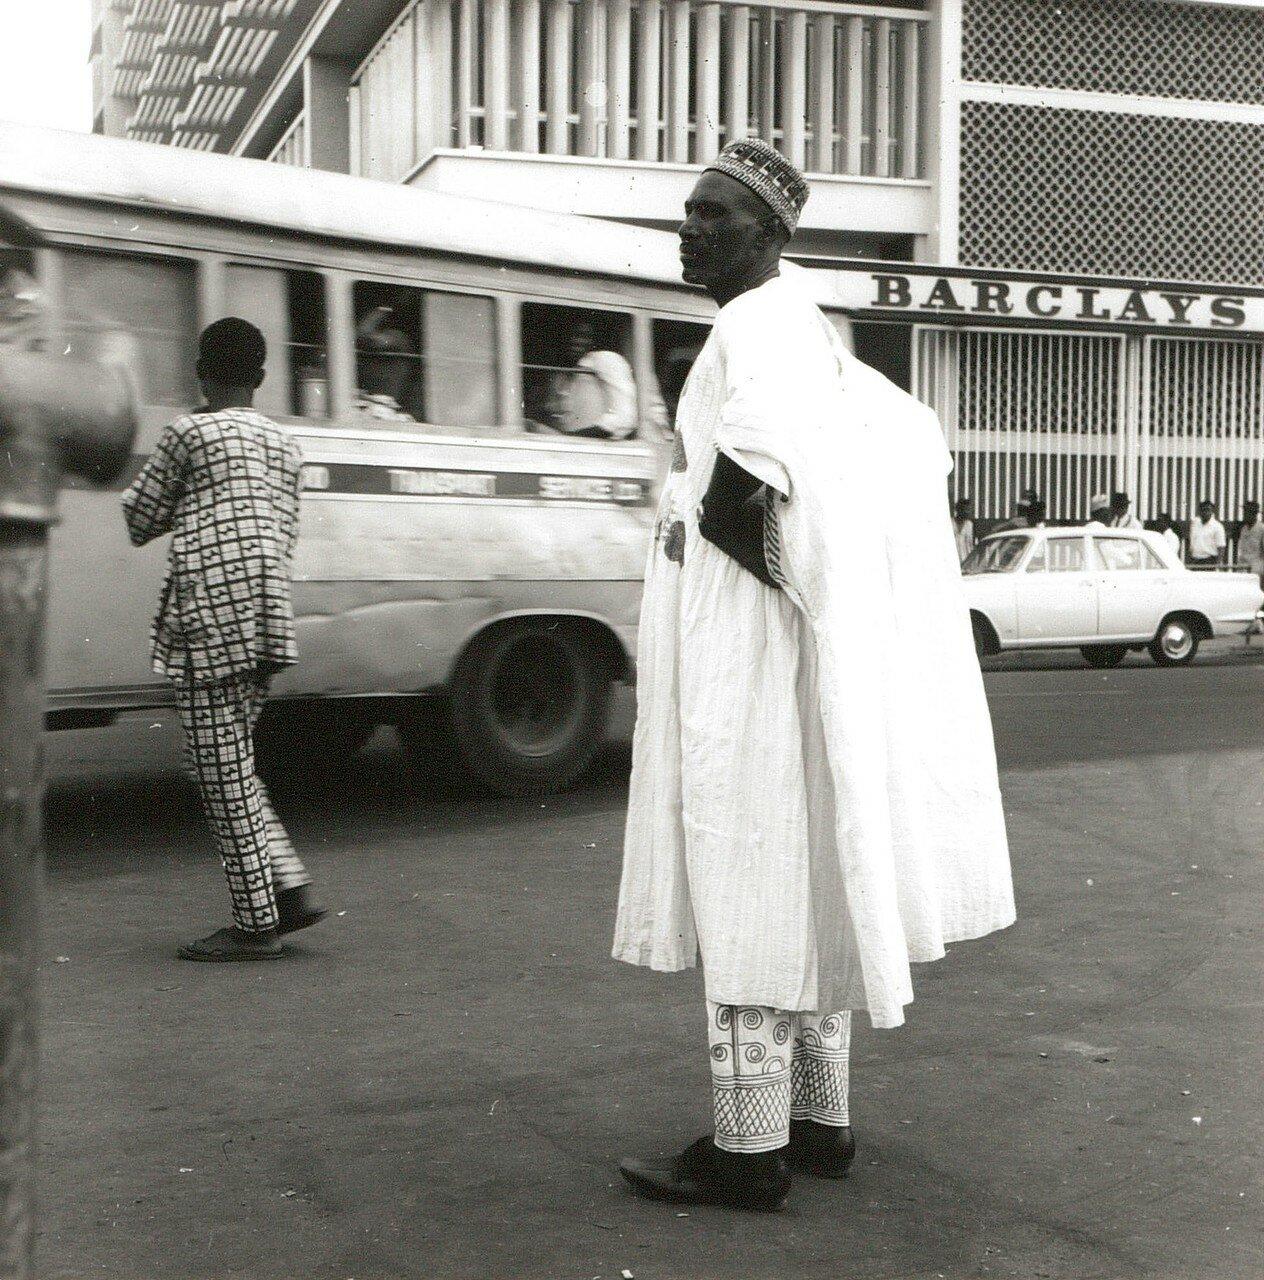 Уличная сцена в современном центре города с нигерийцем в праздничной одежде